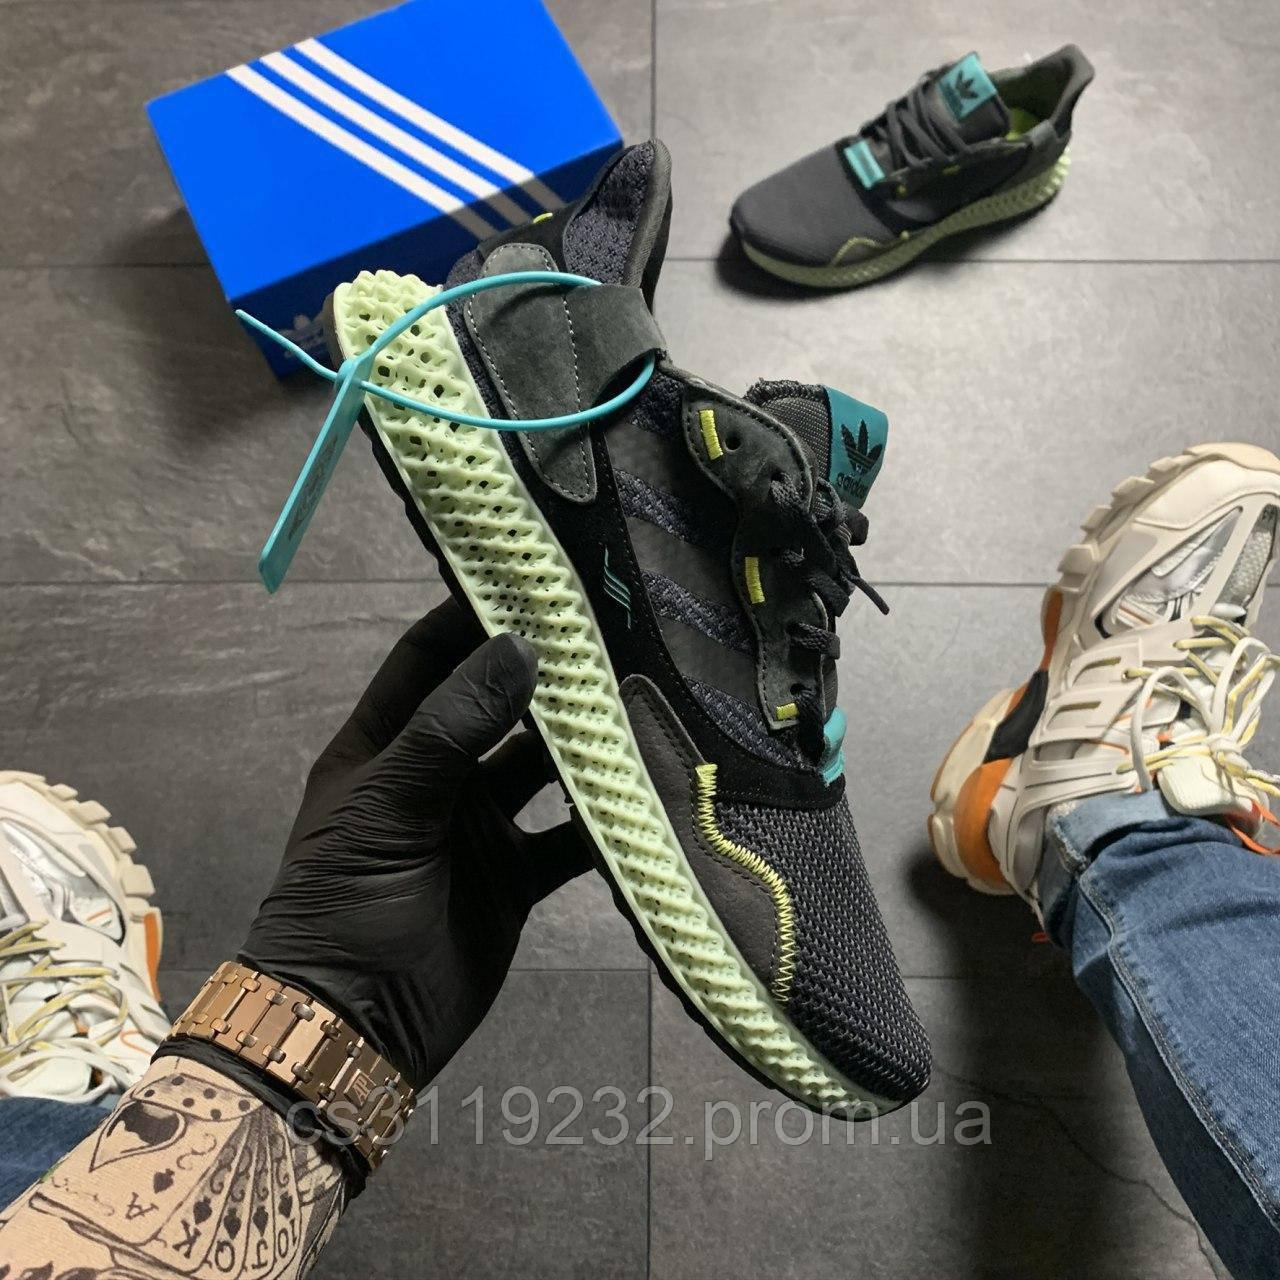 Мужские кроссовки Adidas Alpgaedge 4D Black (черные)